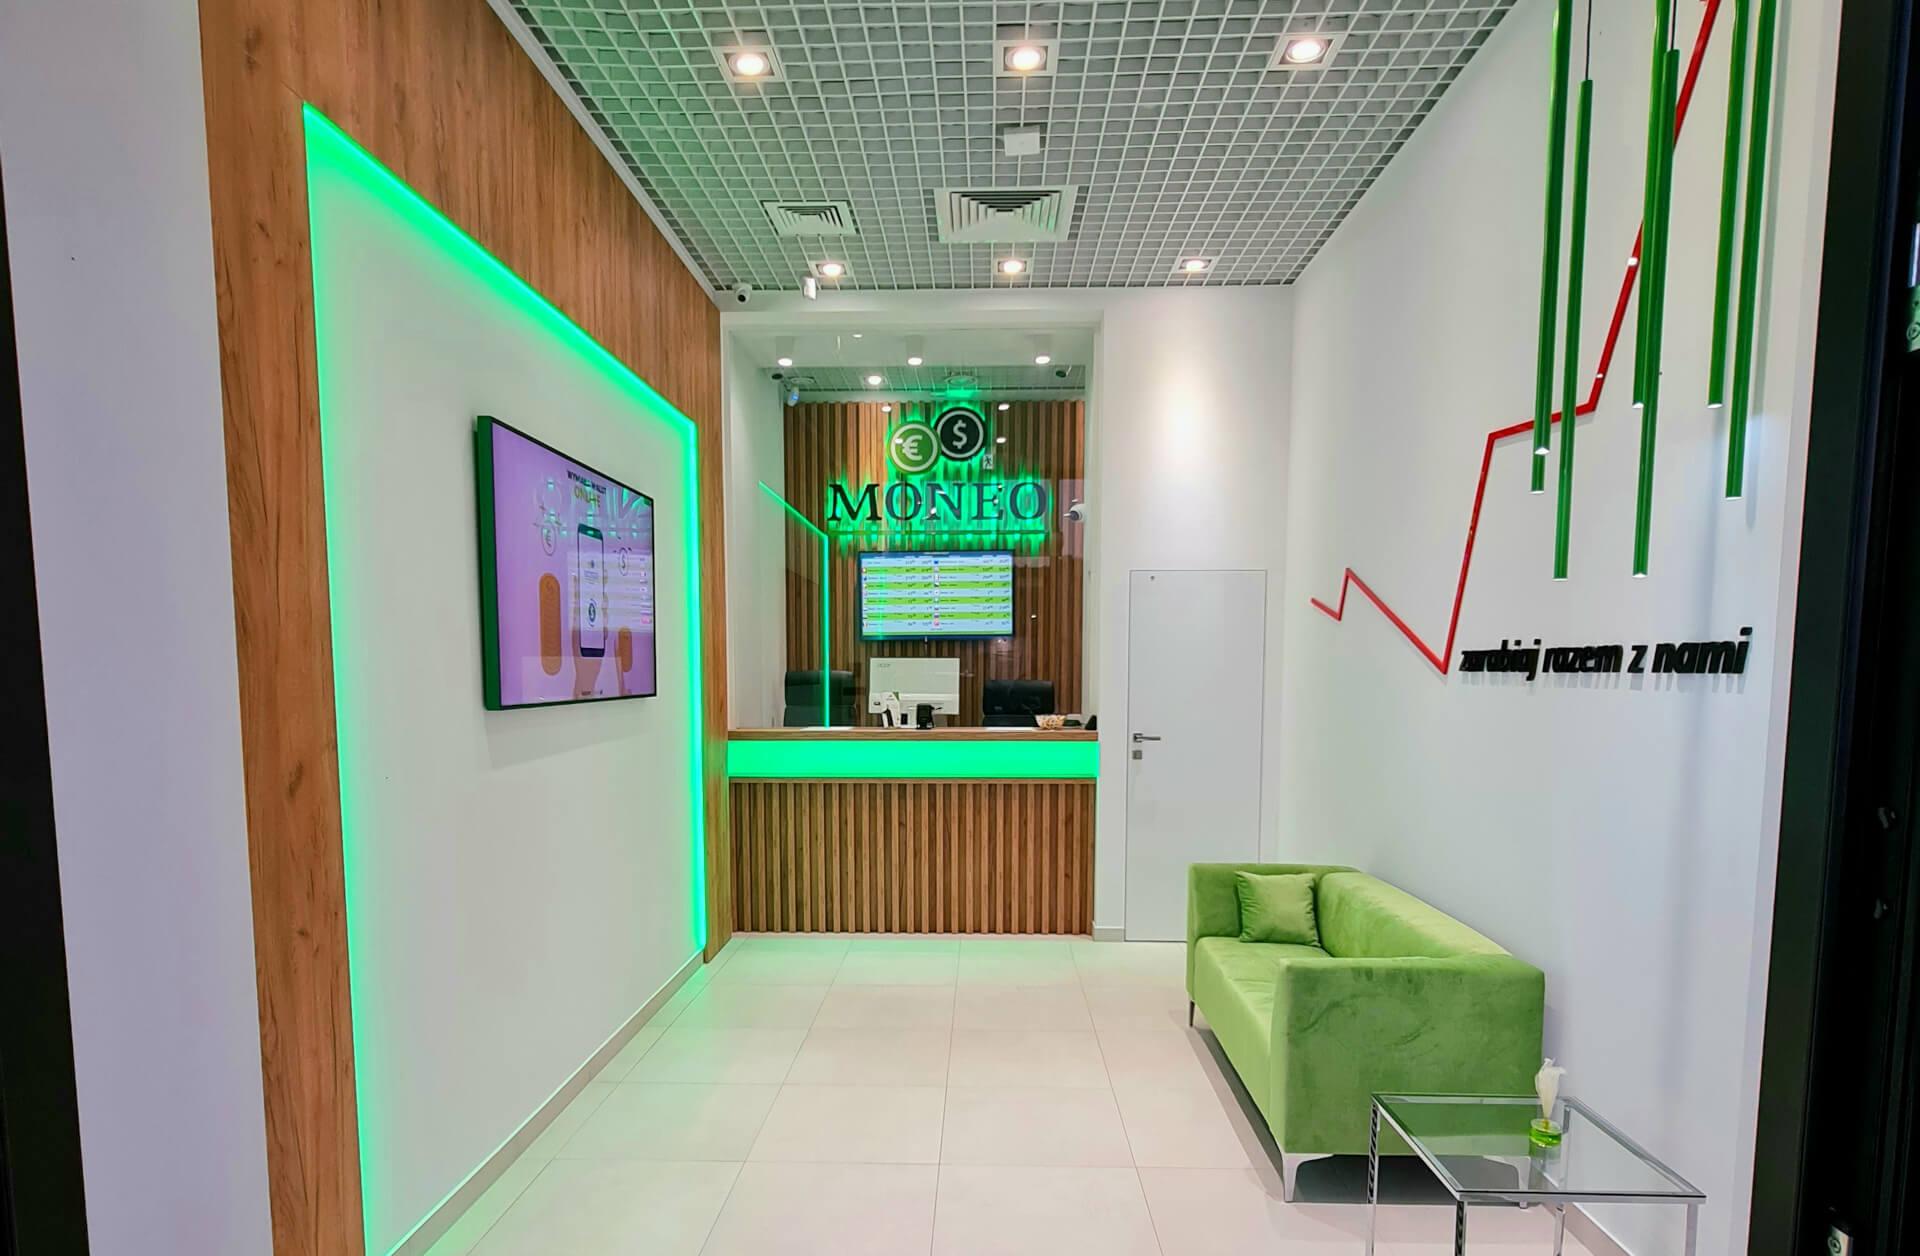 Nowy kantor już otwarty!